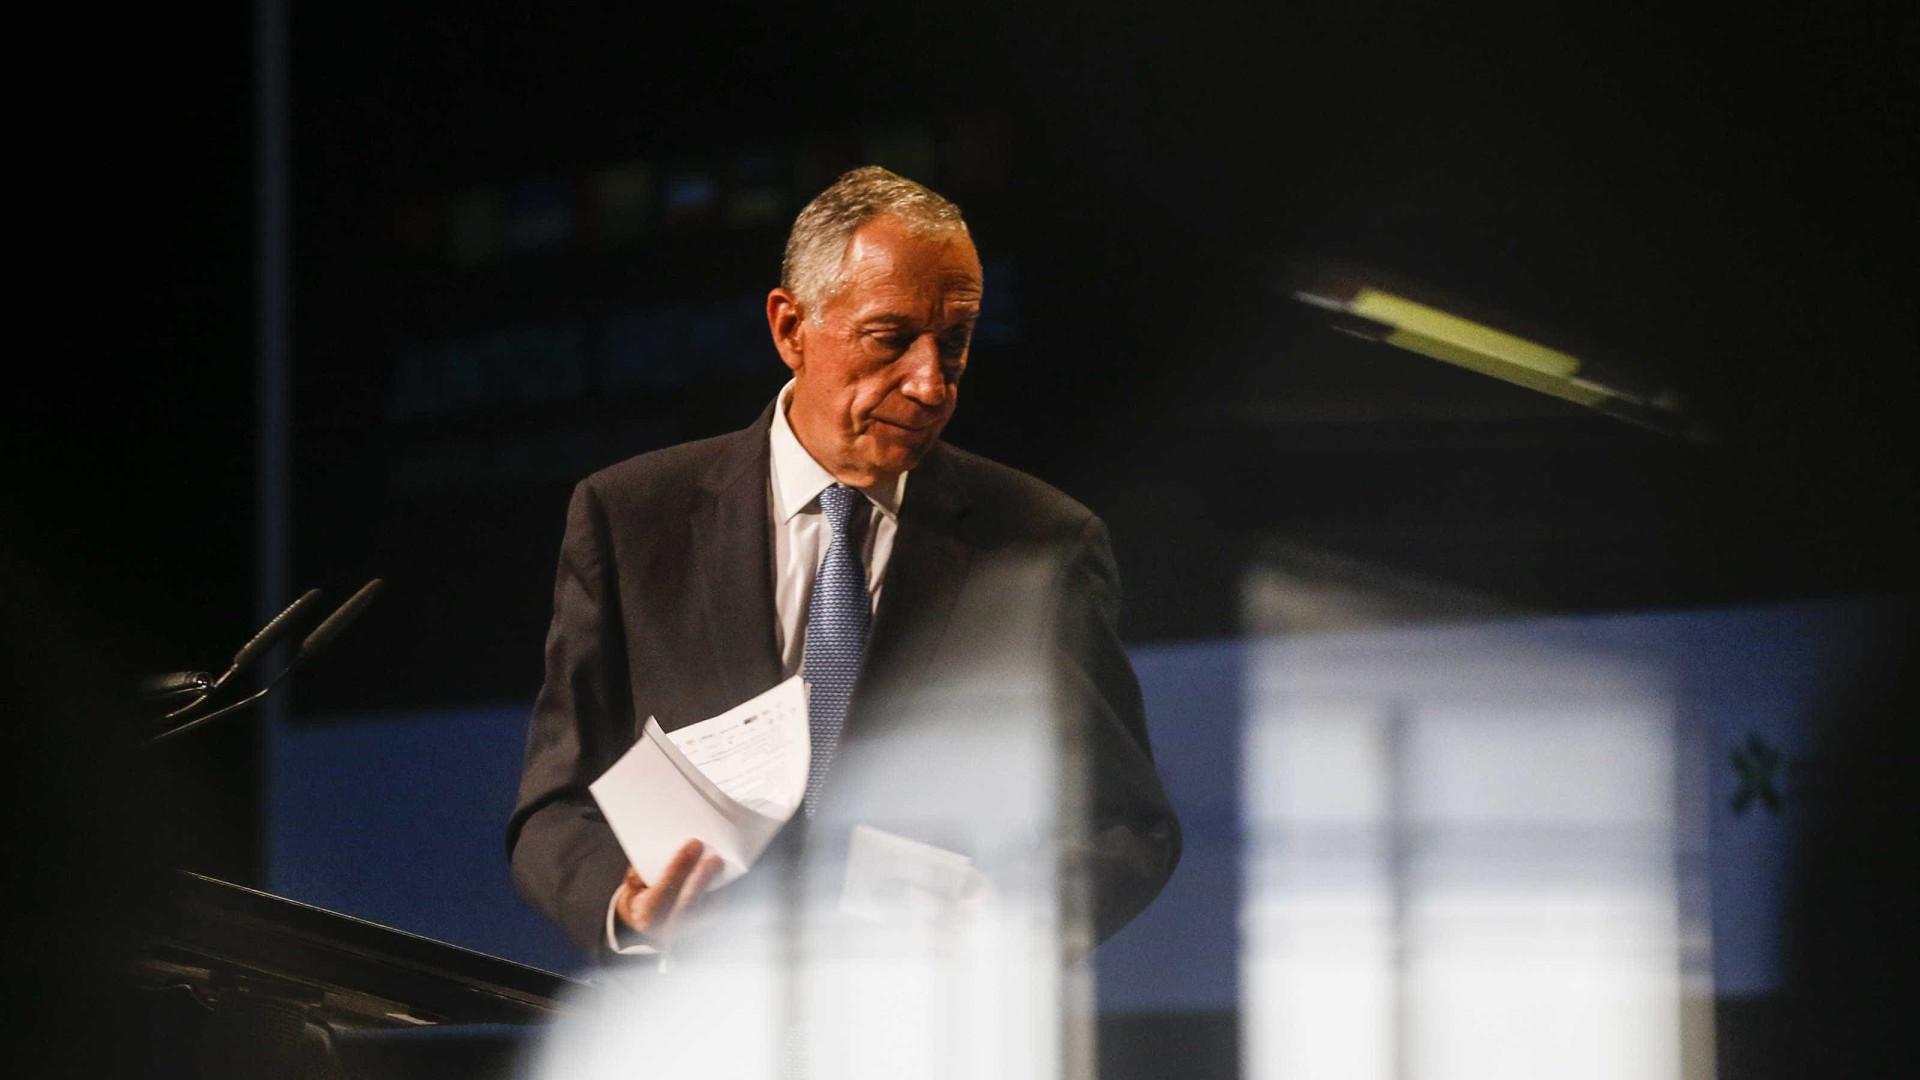 Presidente congratula-se com inscrição de 'Bonecos de Estremoz'